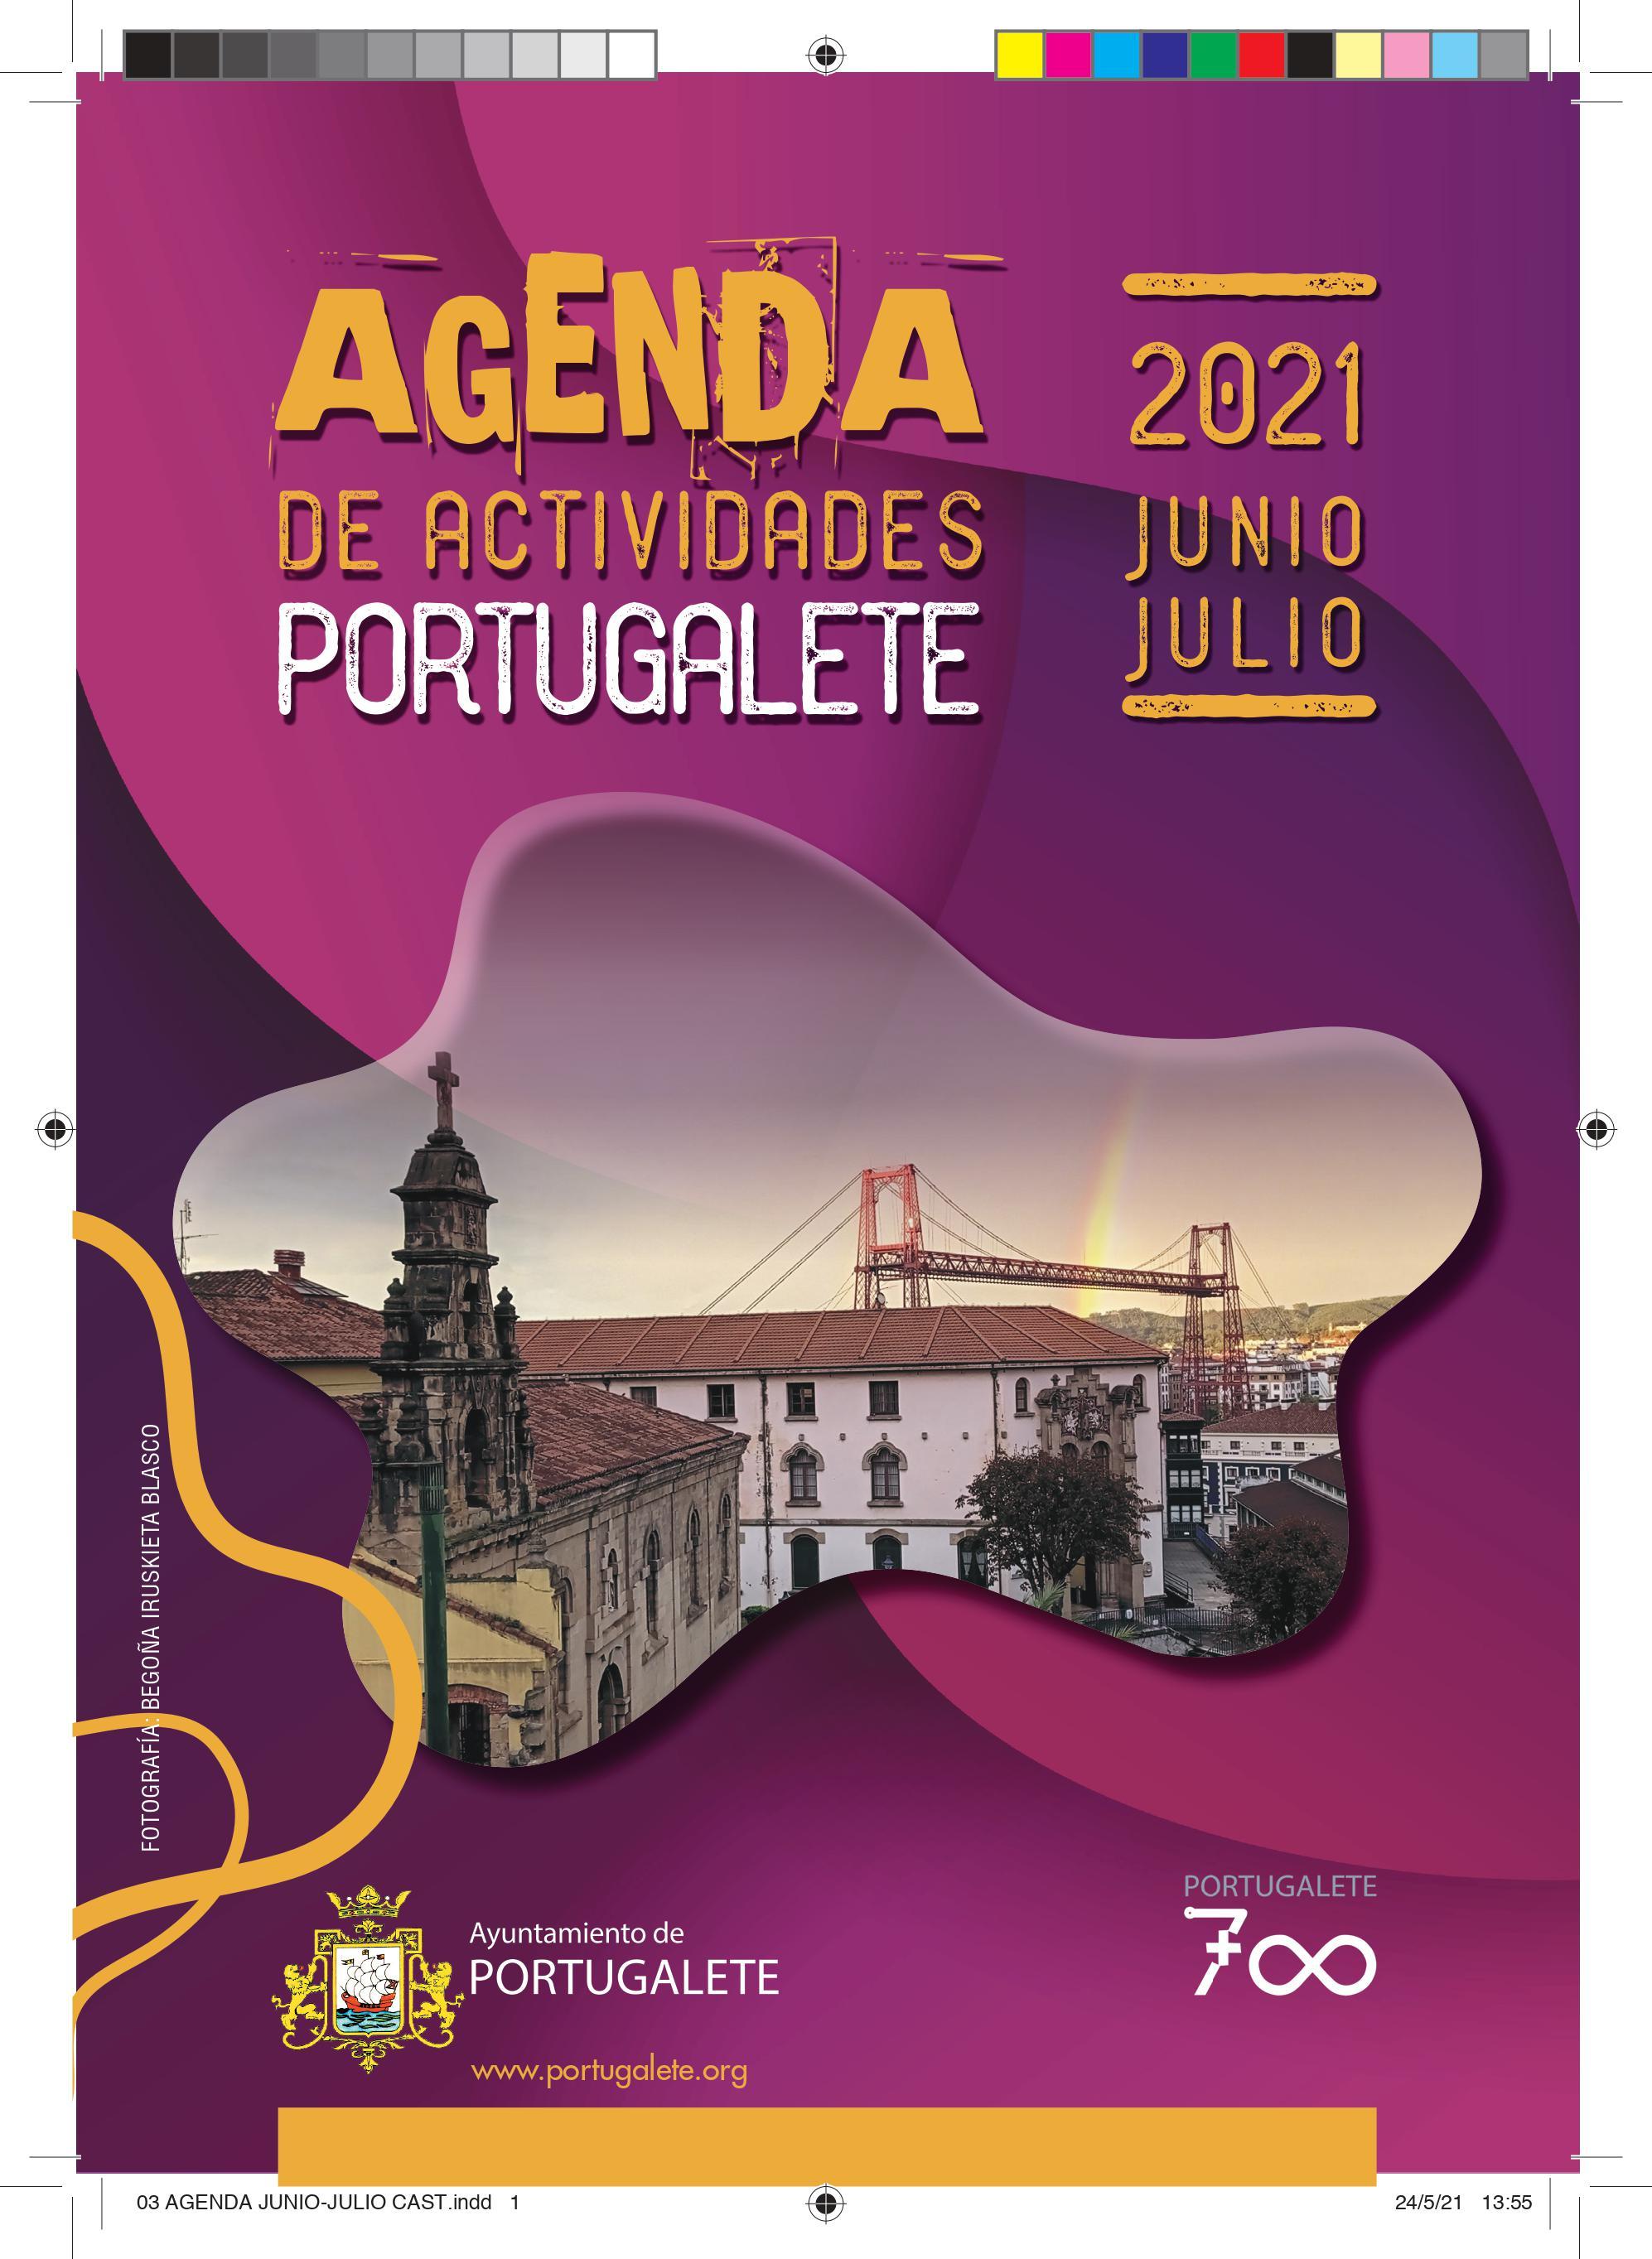 Agenda de actividades en Portugalete